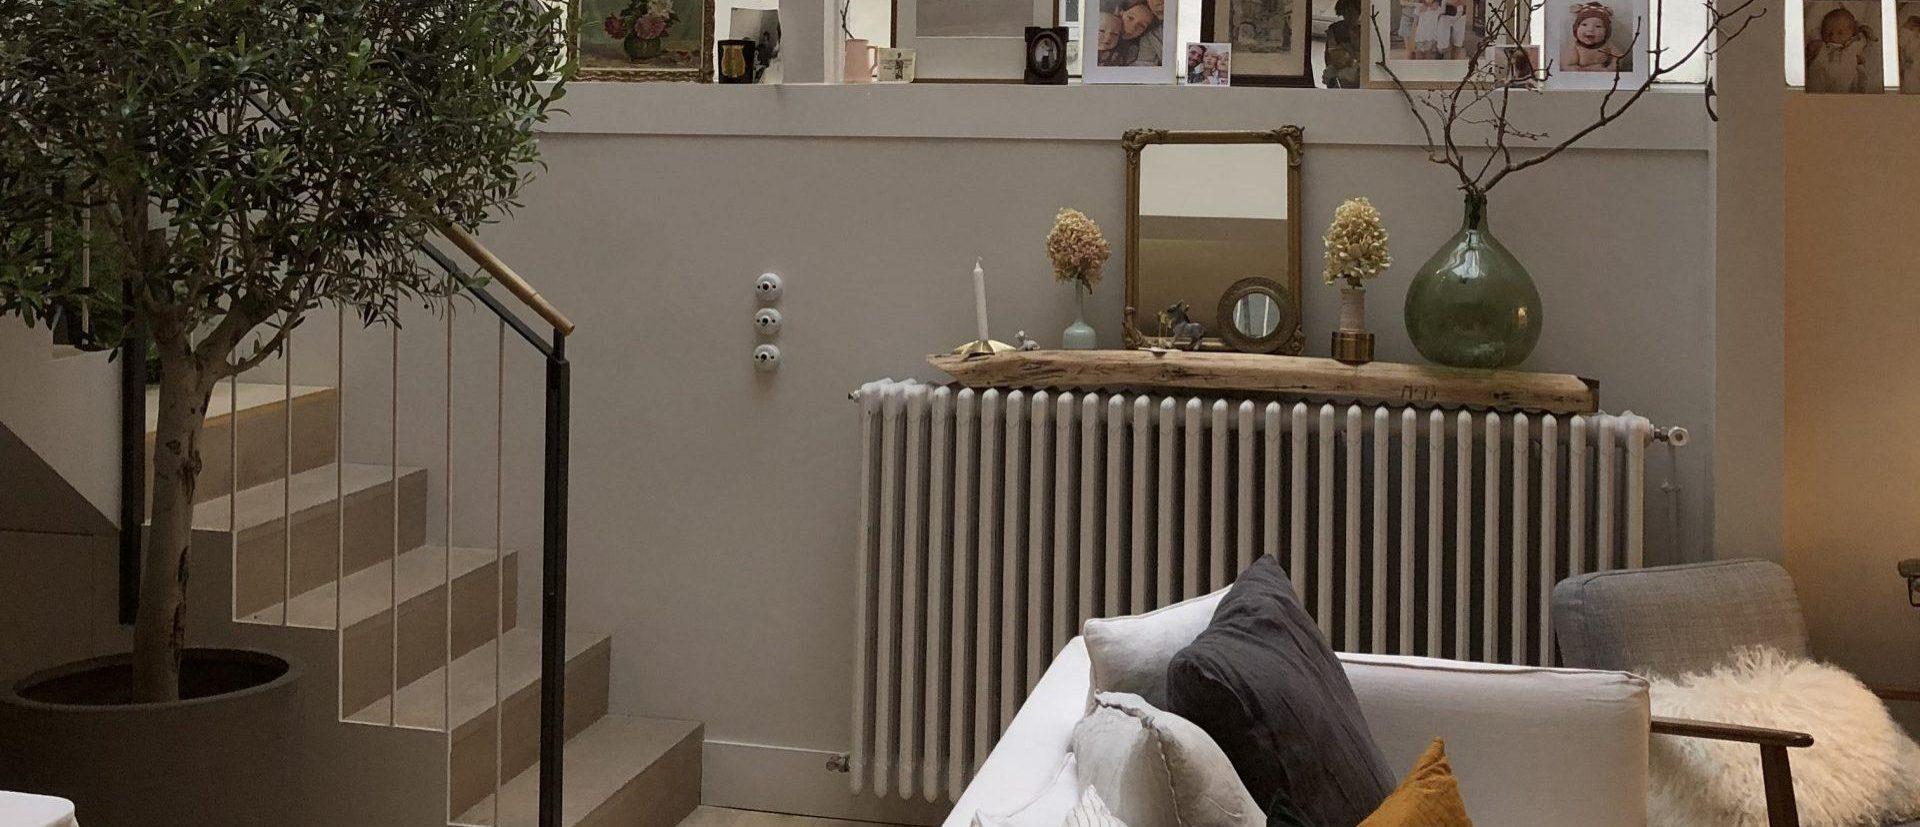 Le-salon-chez-Agathe-Madeline-1